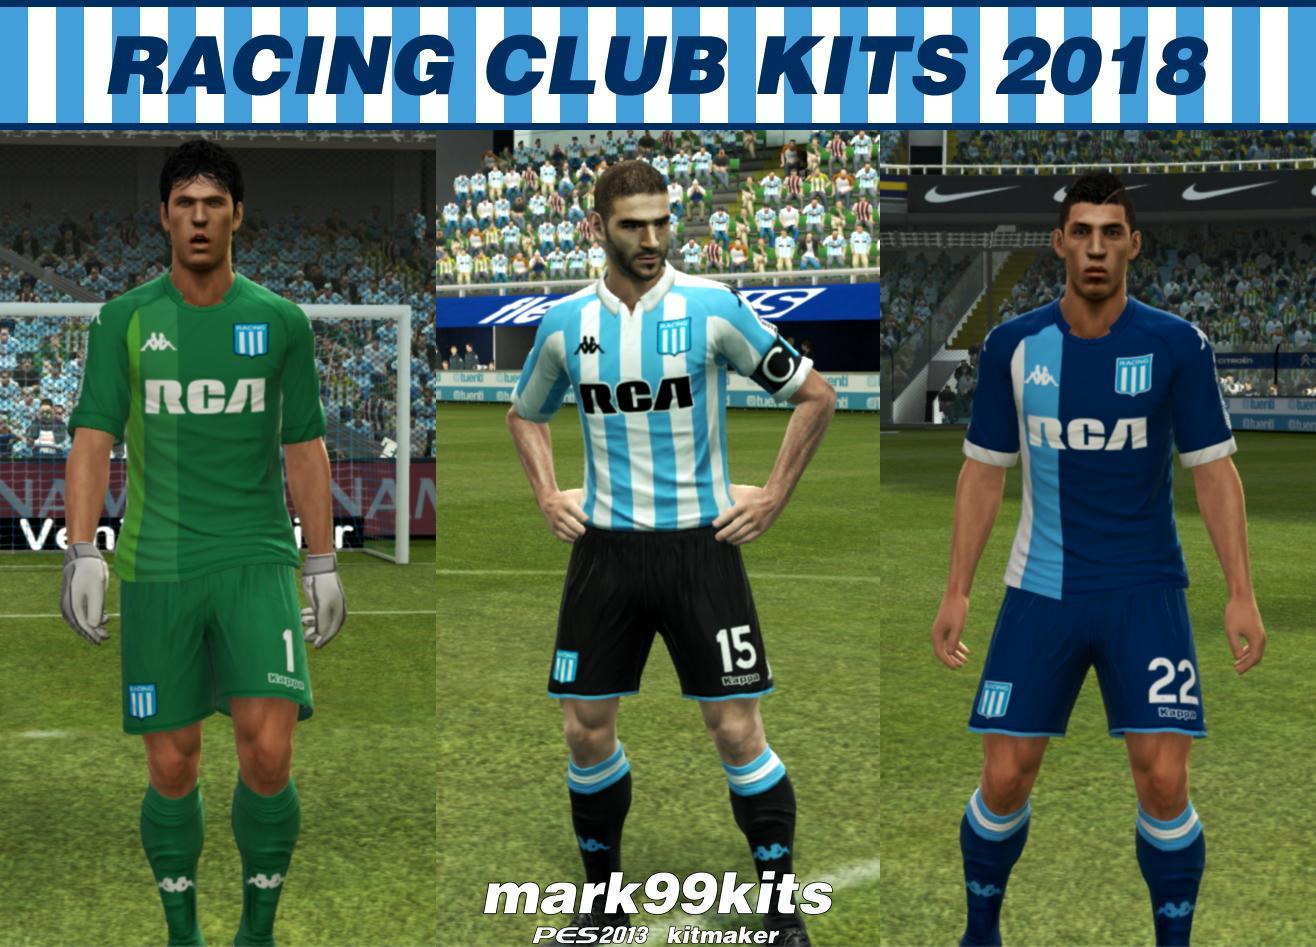 PES 2013 Racing Club Kits 2018 By mark99kits